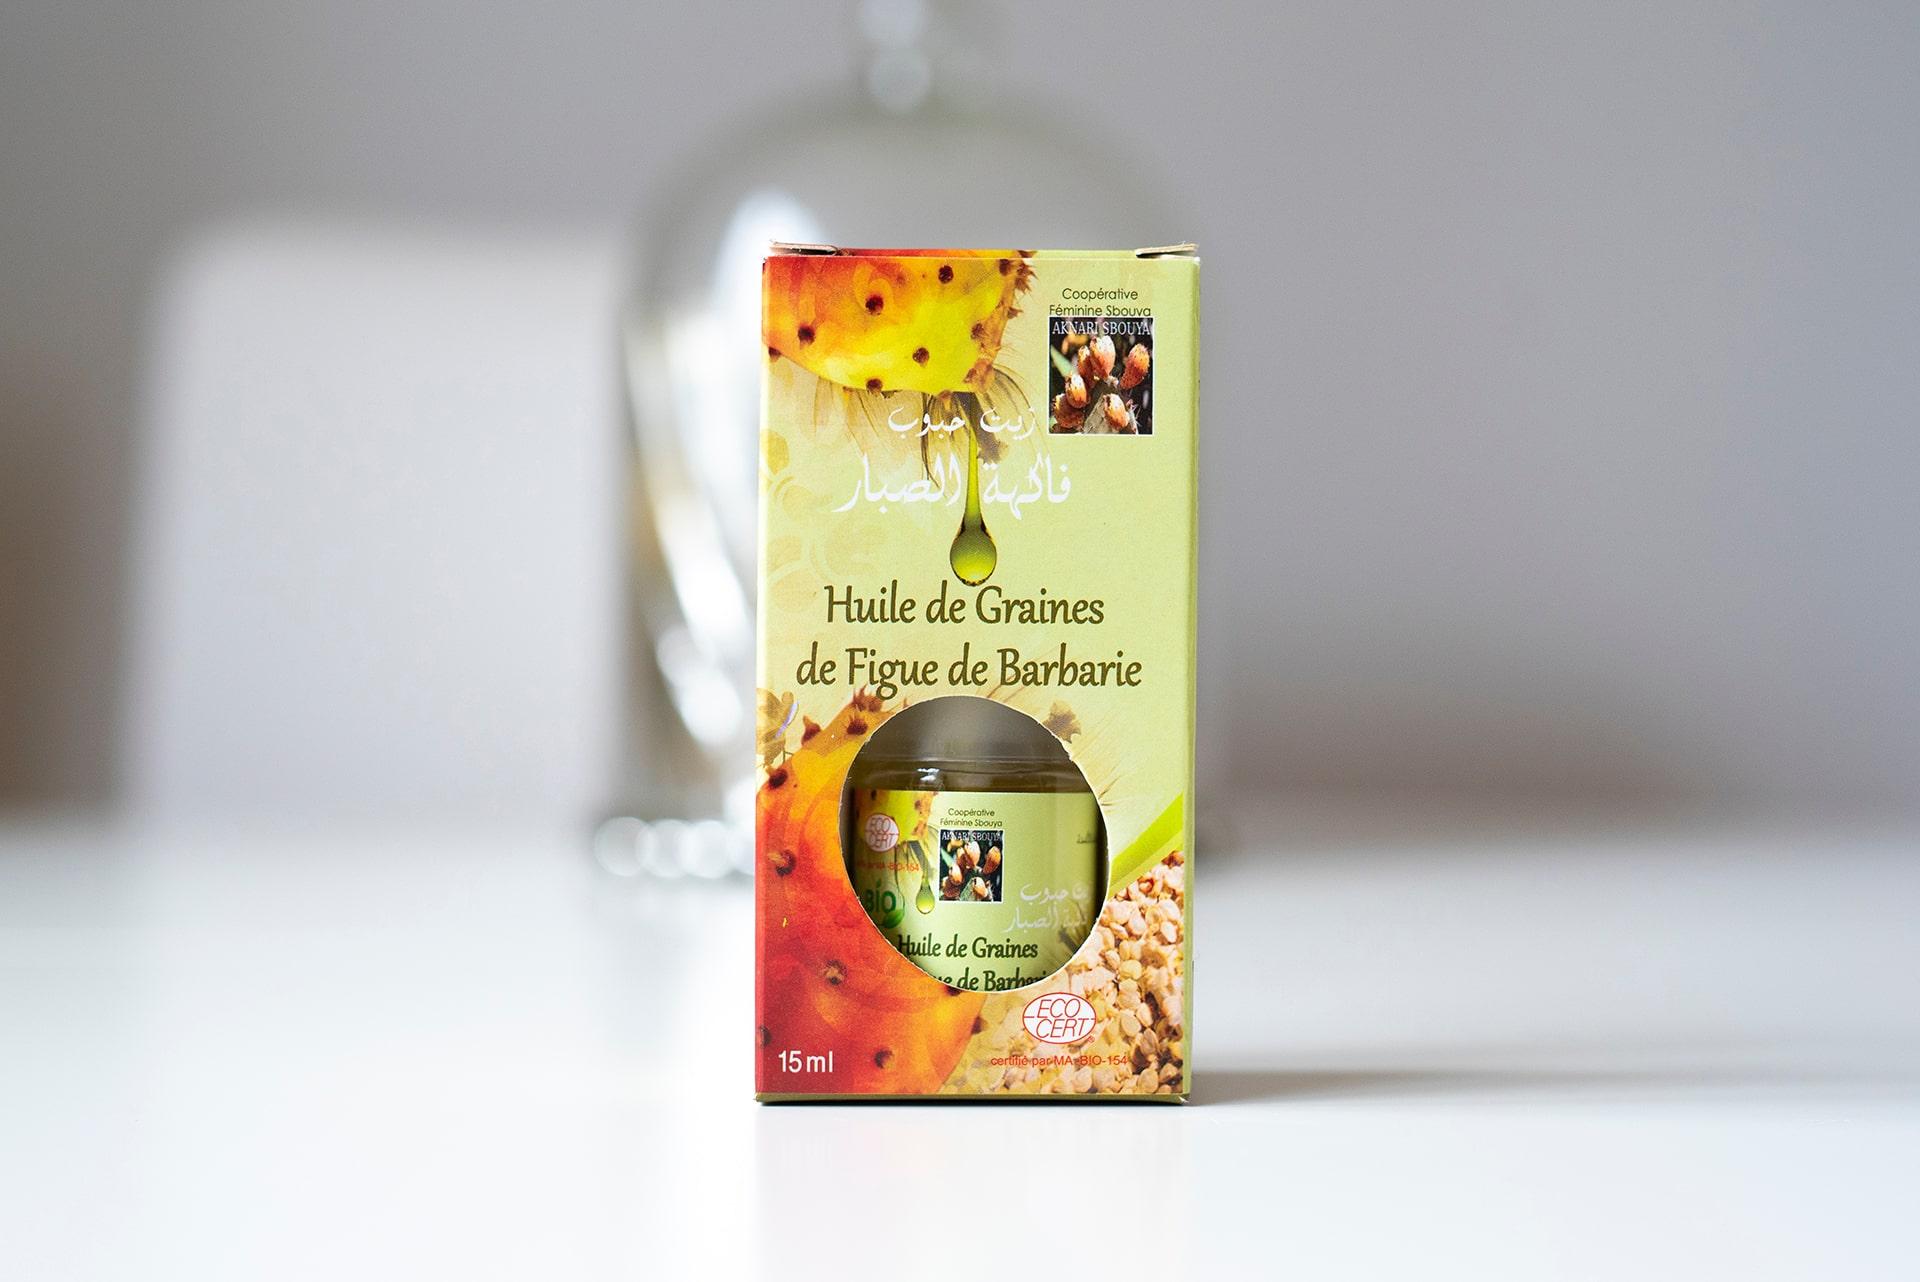 Blog Lifestyle - L'huile de graines de figue de Barbarie, où la trouver et à quel prix ? - Suivre sa Joie - Saskia Parein